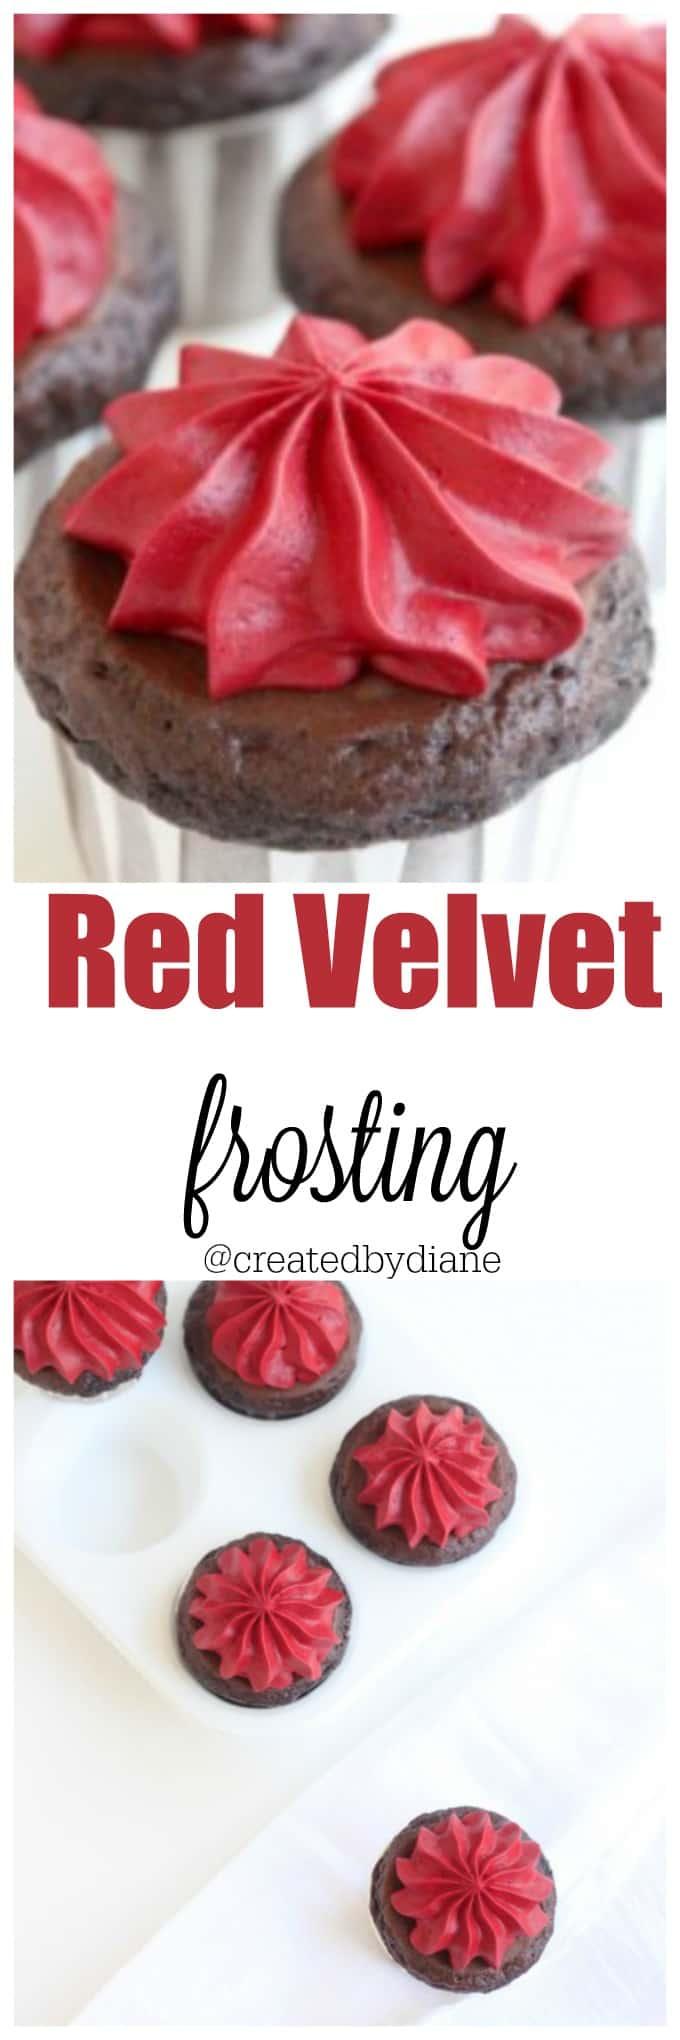 red velvet frosting recipe